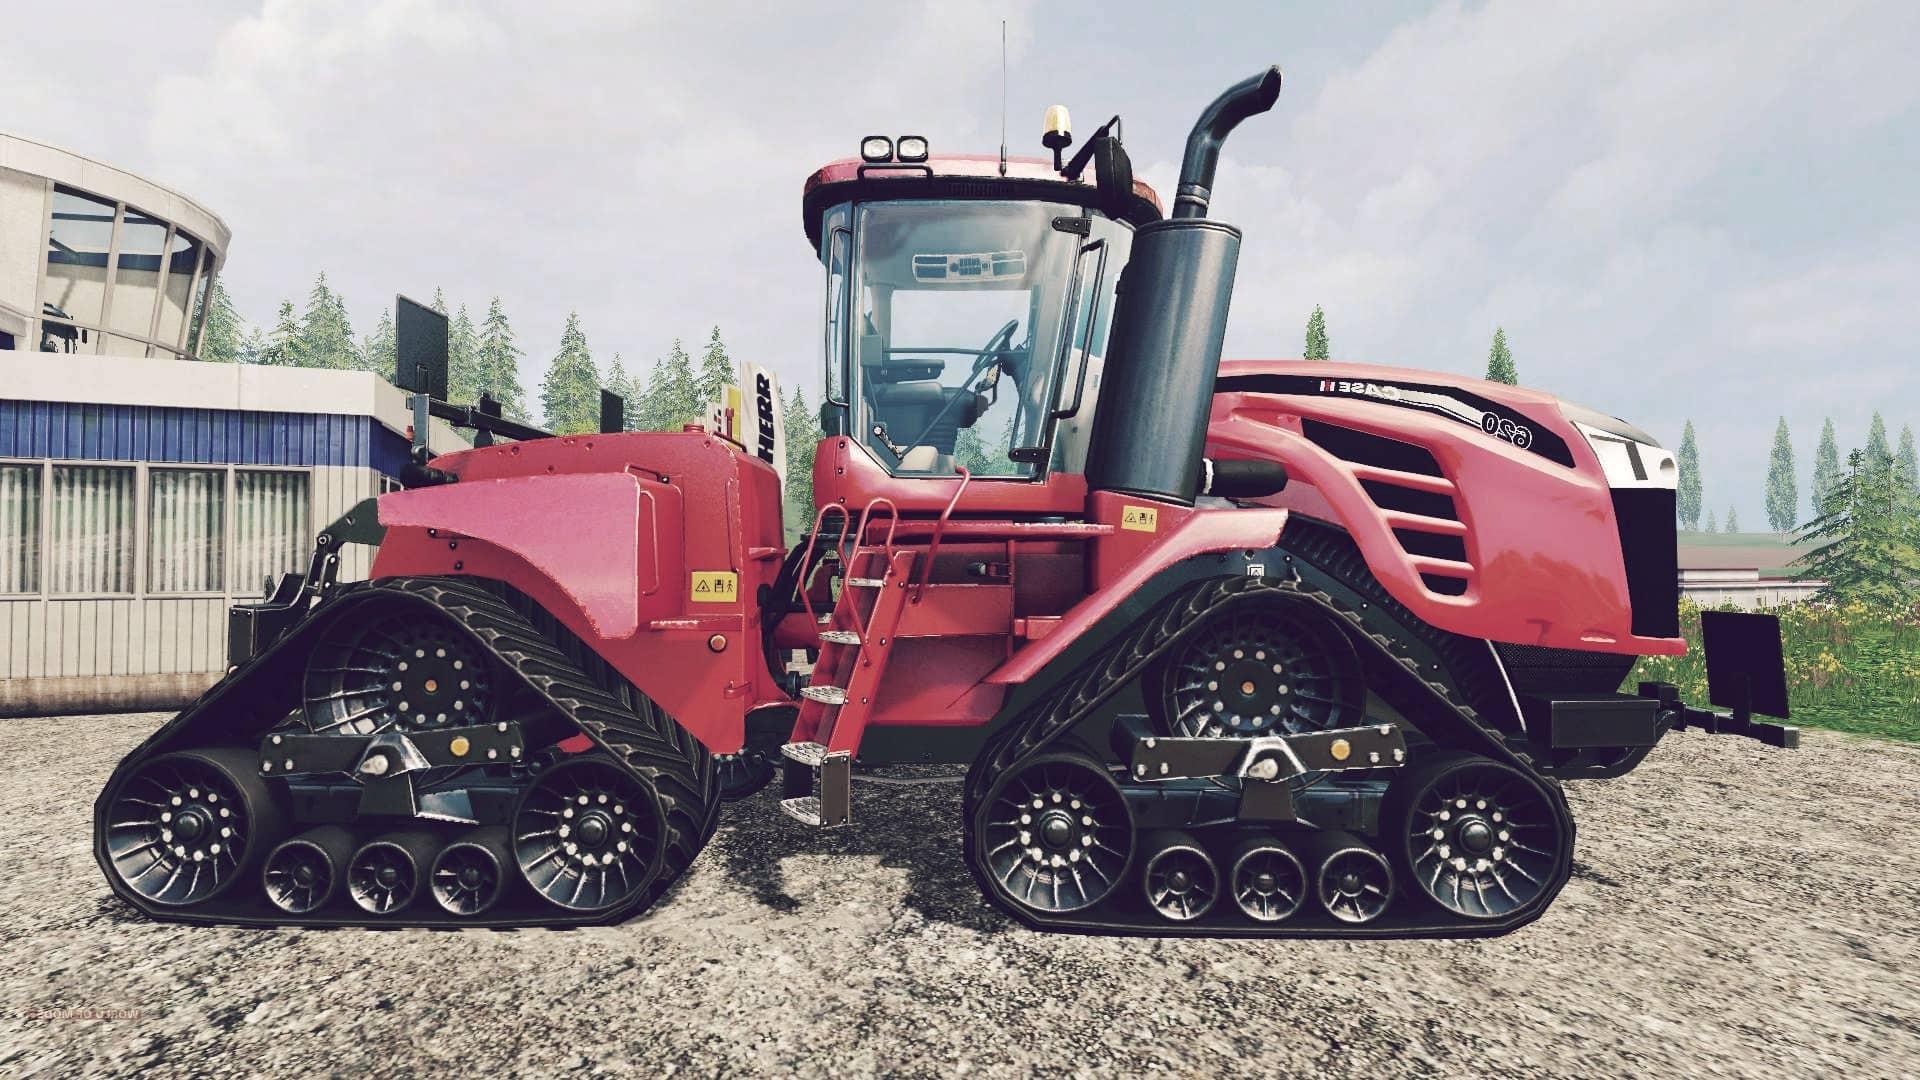 Case IH Quadtrac 620, el segundo en la lista de los tractores más grandes del mundo